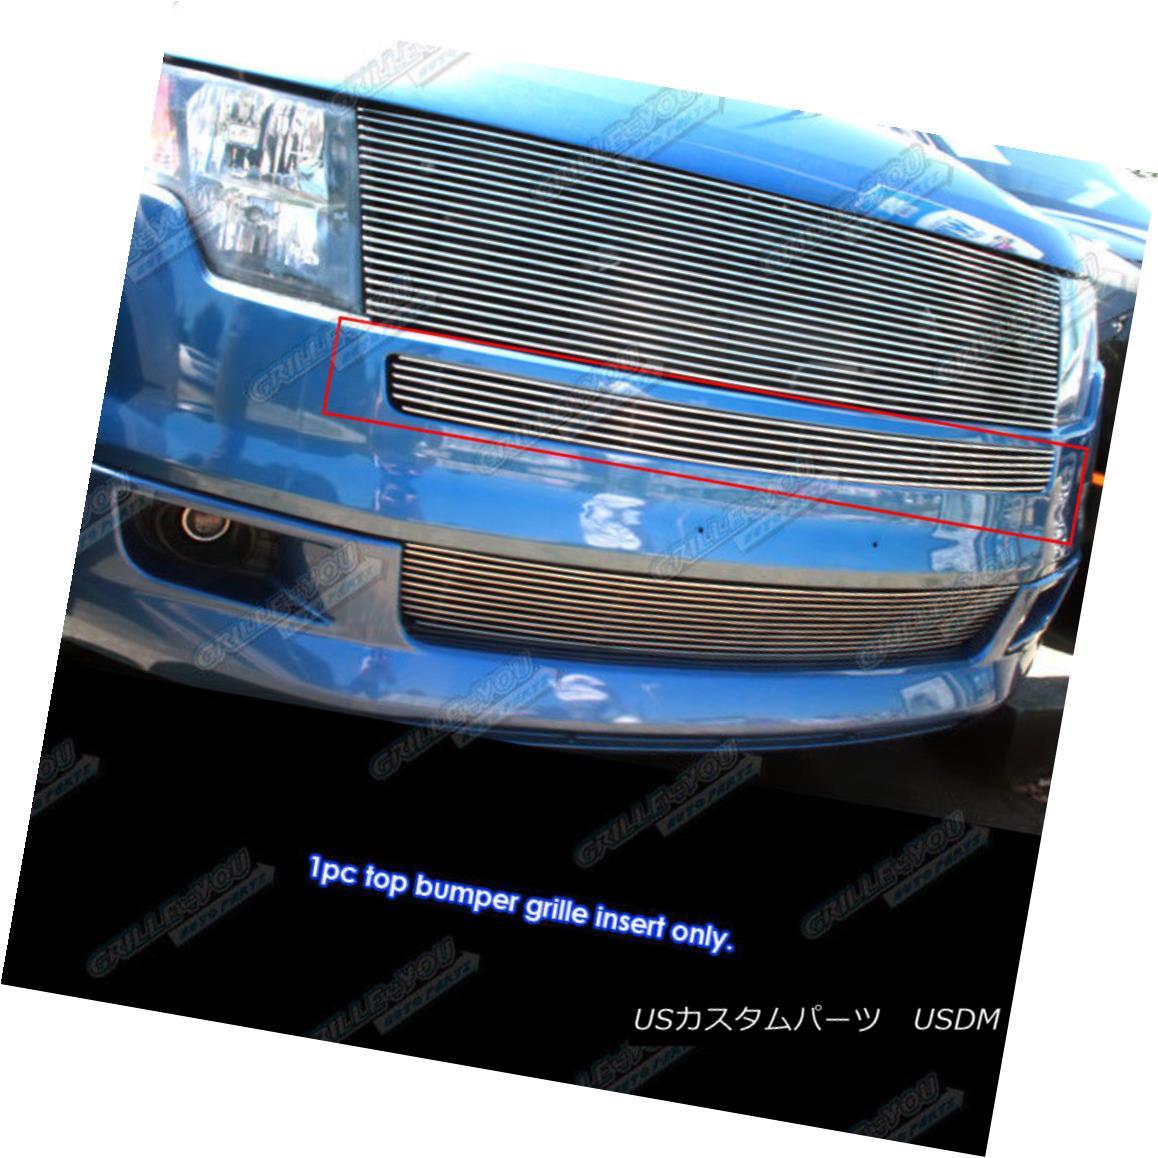 グリル Fits 2007-2010 Ford Edge Top Lower Bumper Billet Grille Grill Inserts フィット2007年?2010年フォードエッジトップロワーバンパービレットグリルグリルインサート